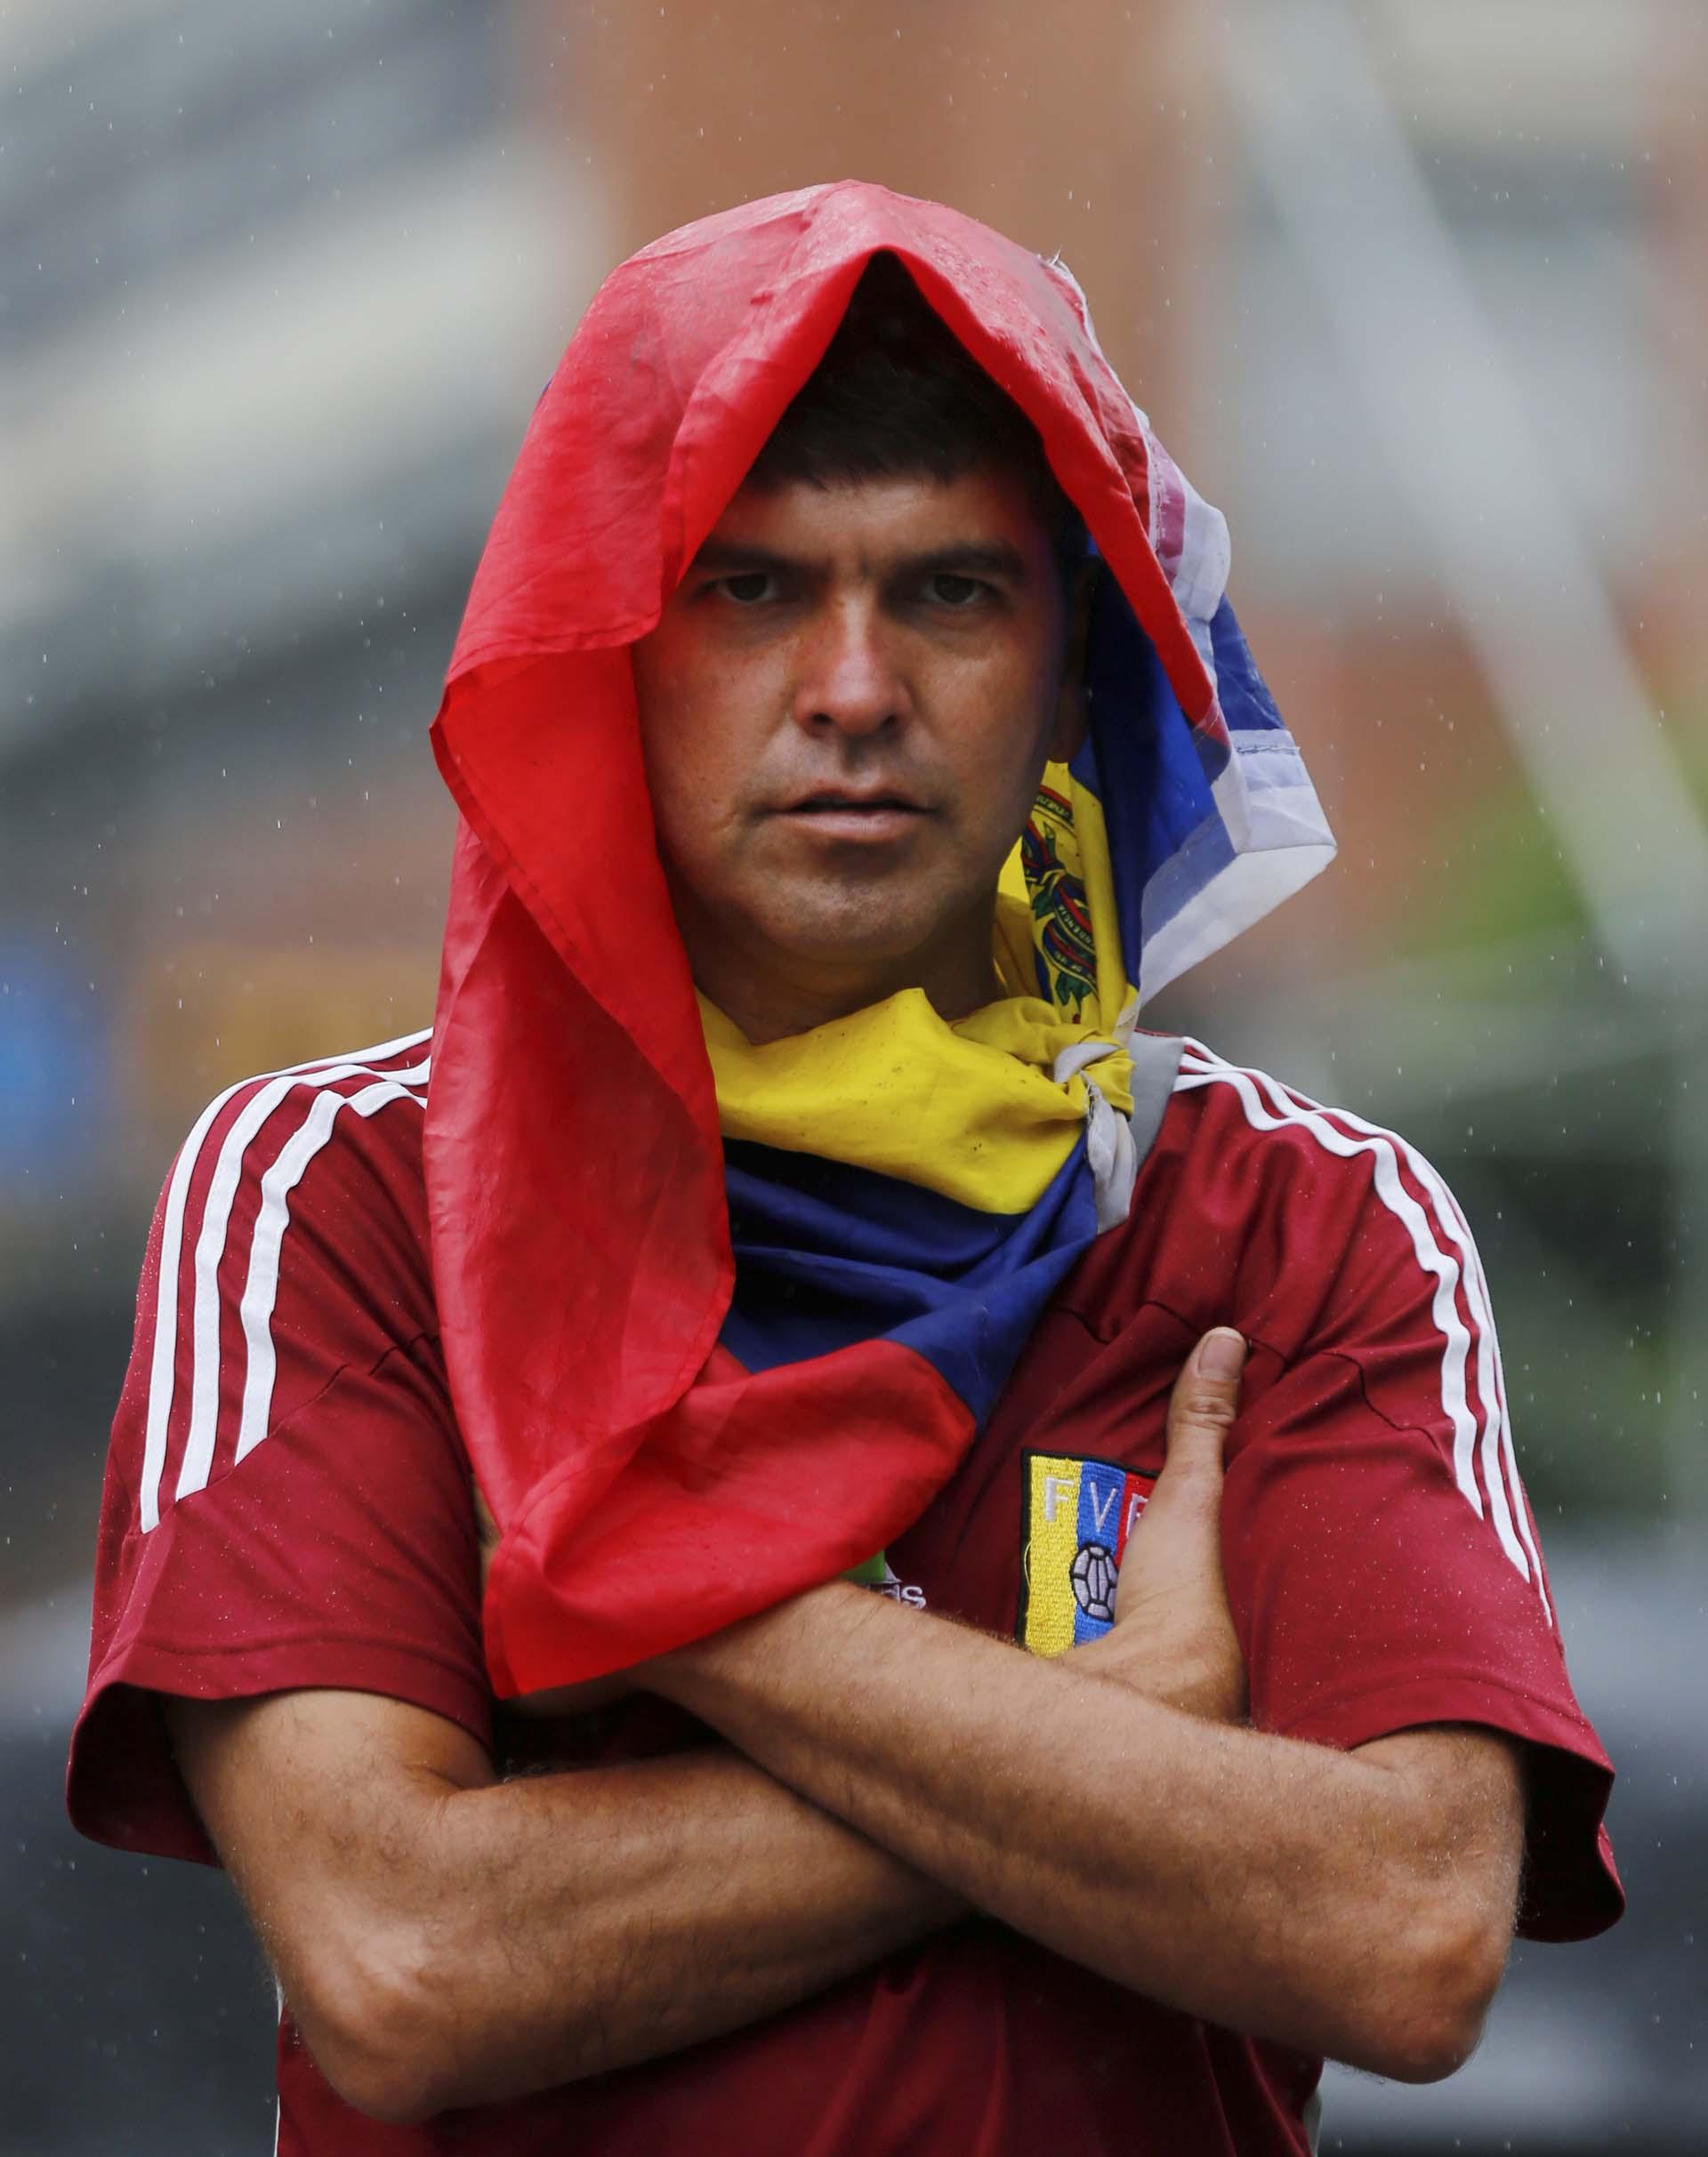 En todas las capitales de los diferentes estados de Venezuela se realizarán movilizaciones contra el Gobierno de Maduro, así como frente a diferentes embajadas de todo el mundo, manifestaciones a las que se espera asista los ahora millones de venezolanos que han abandonado el país en los últimos años